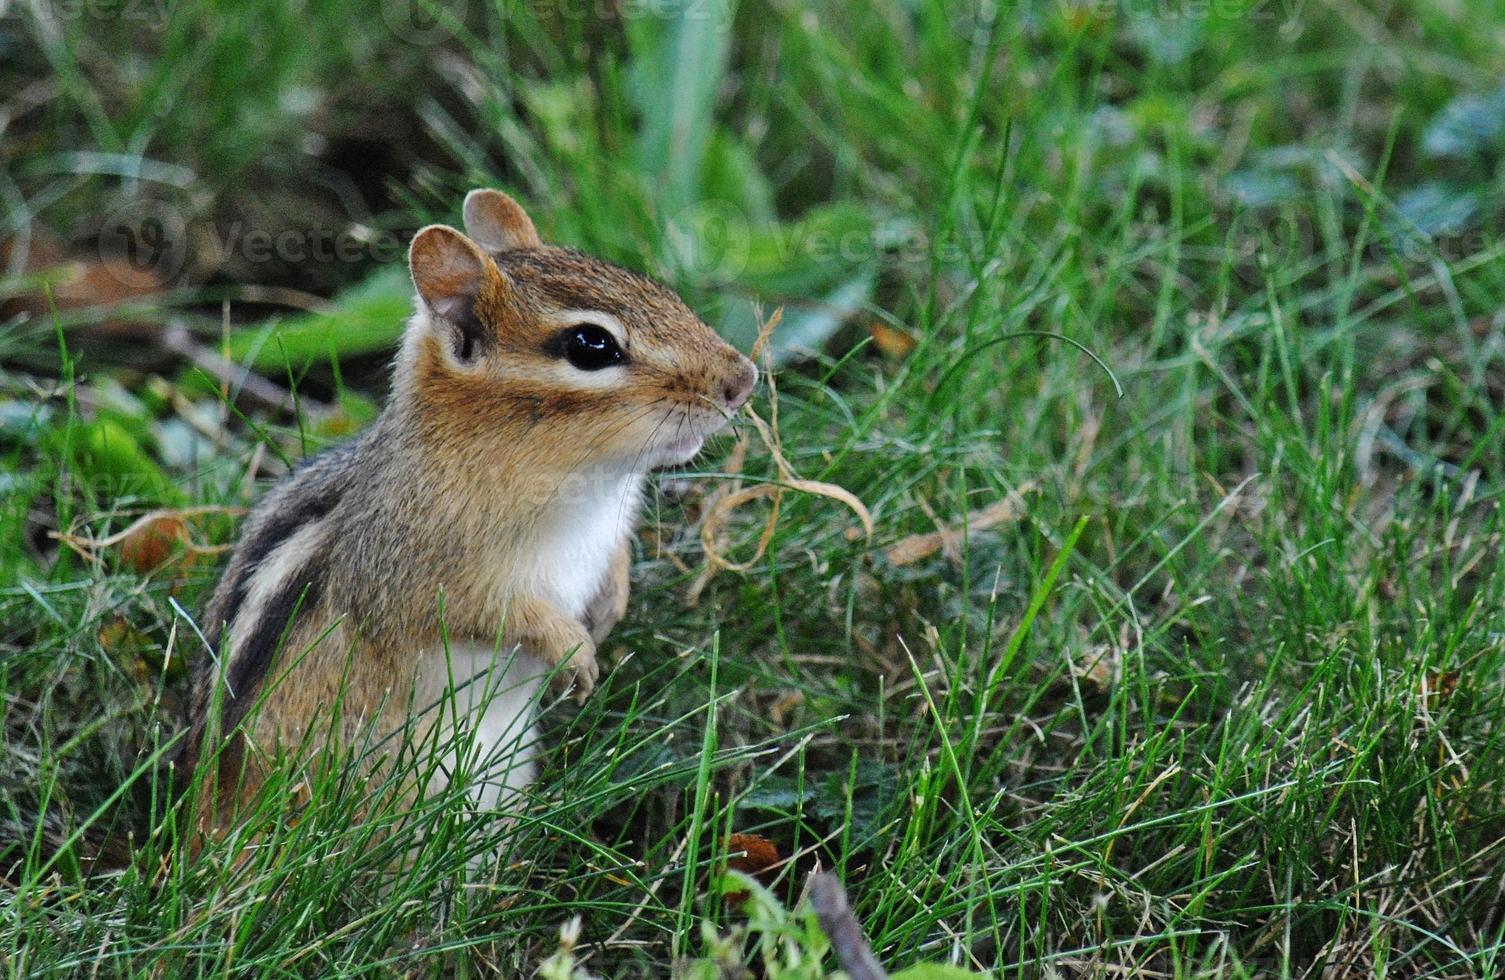 curioso y alerta - ardilla listada en la hierba foto